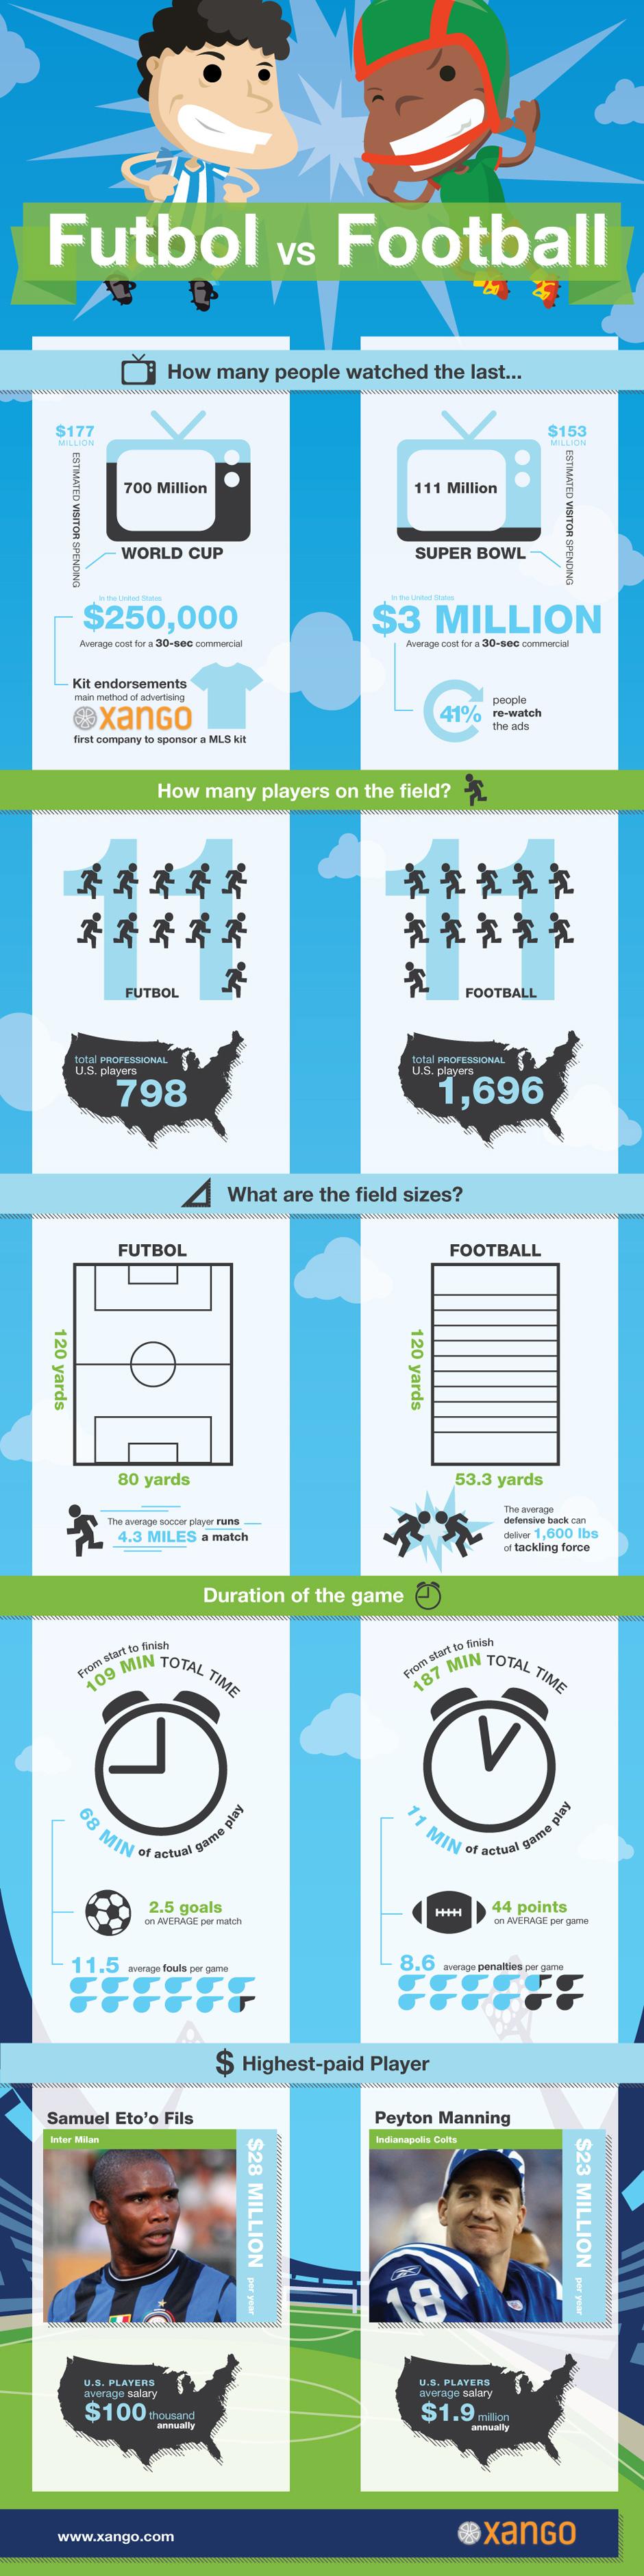 Futbol vs. Football